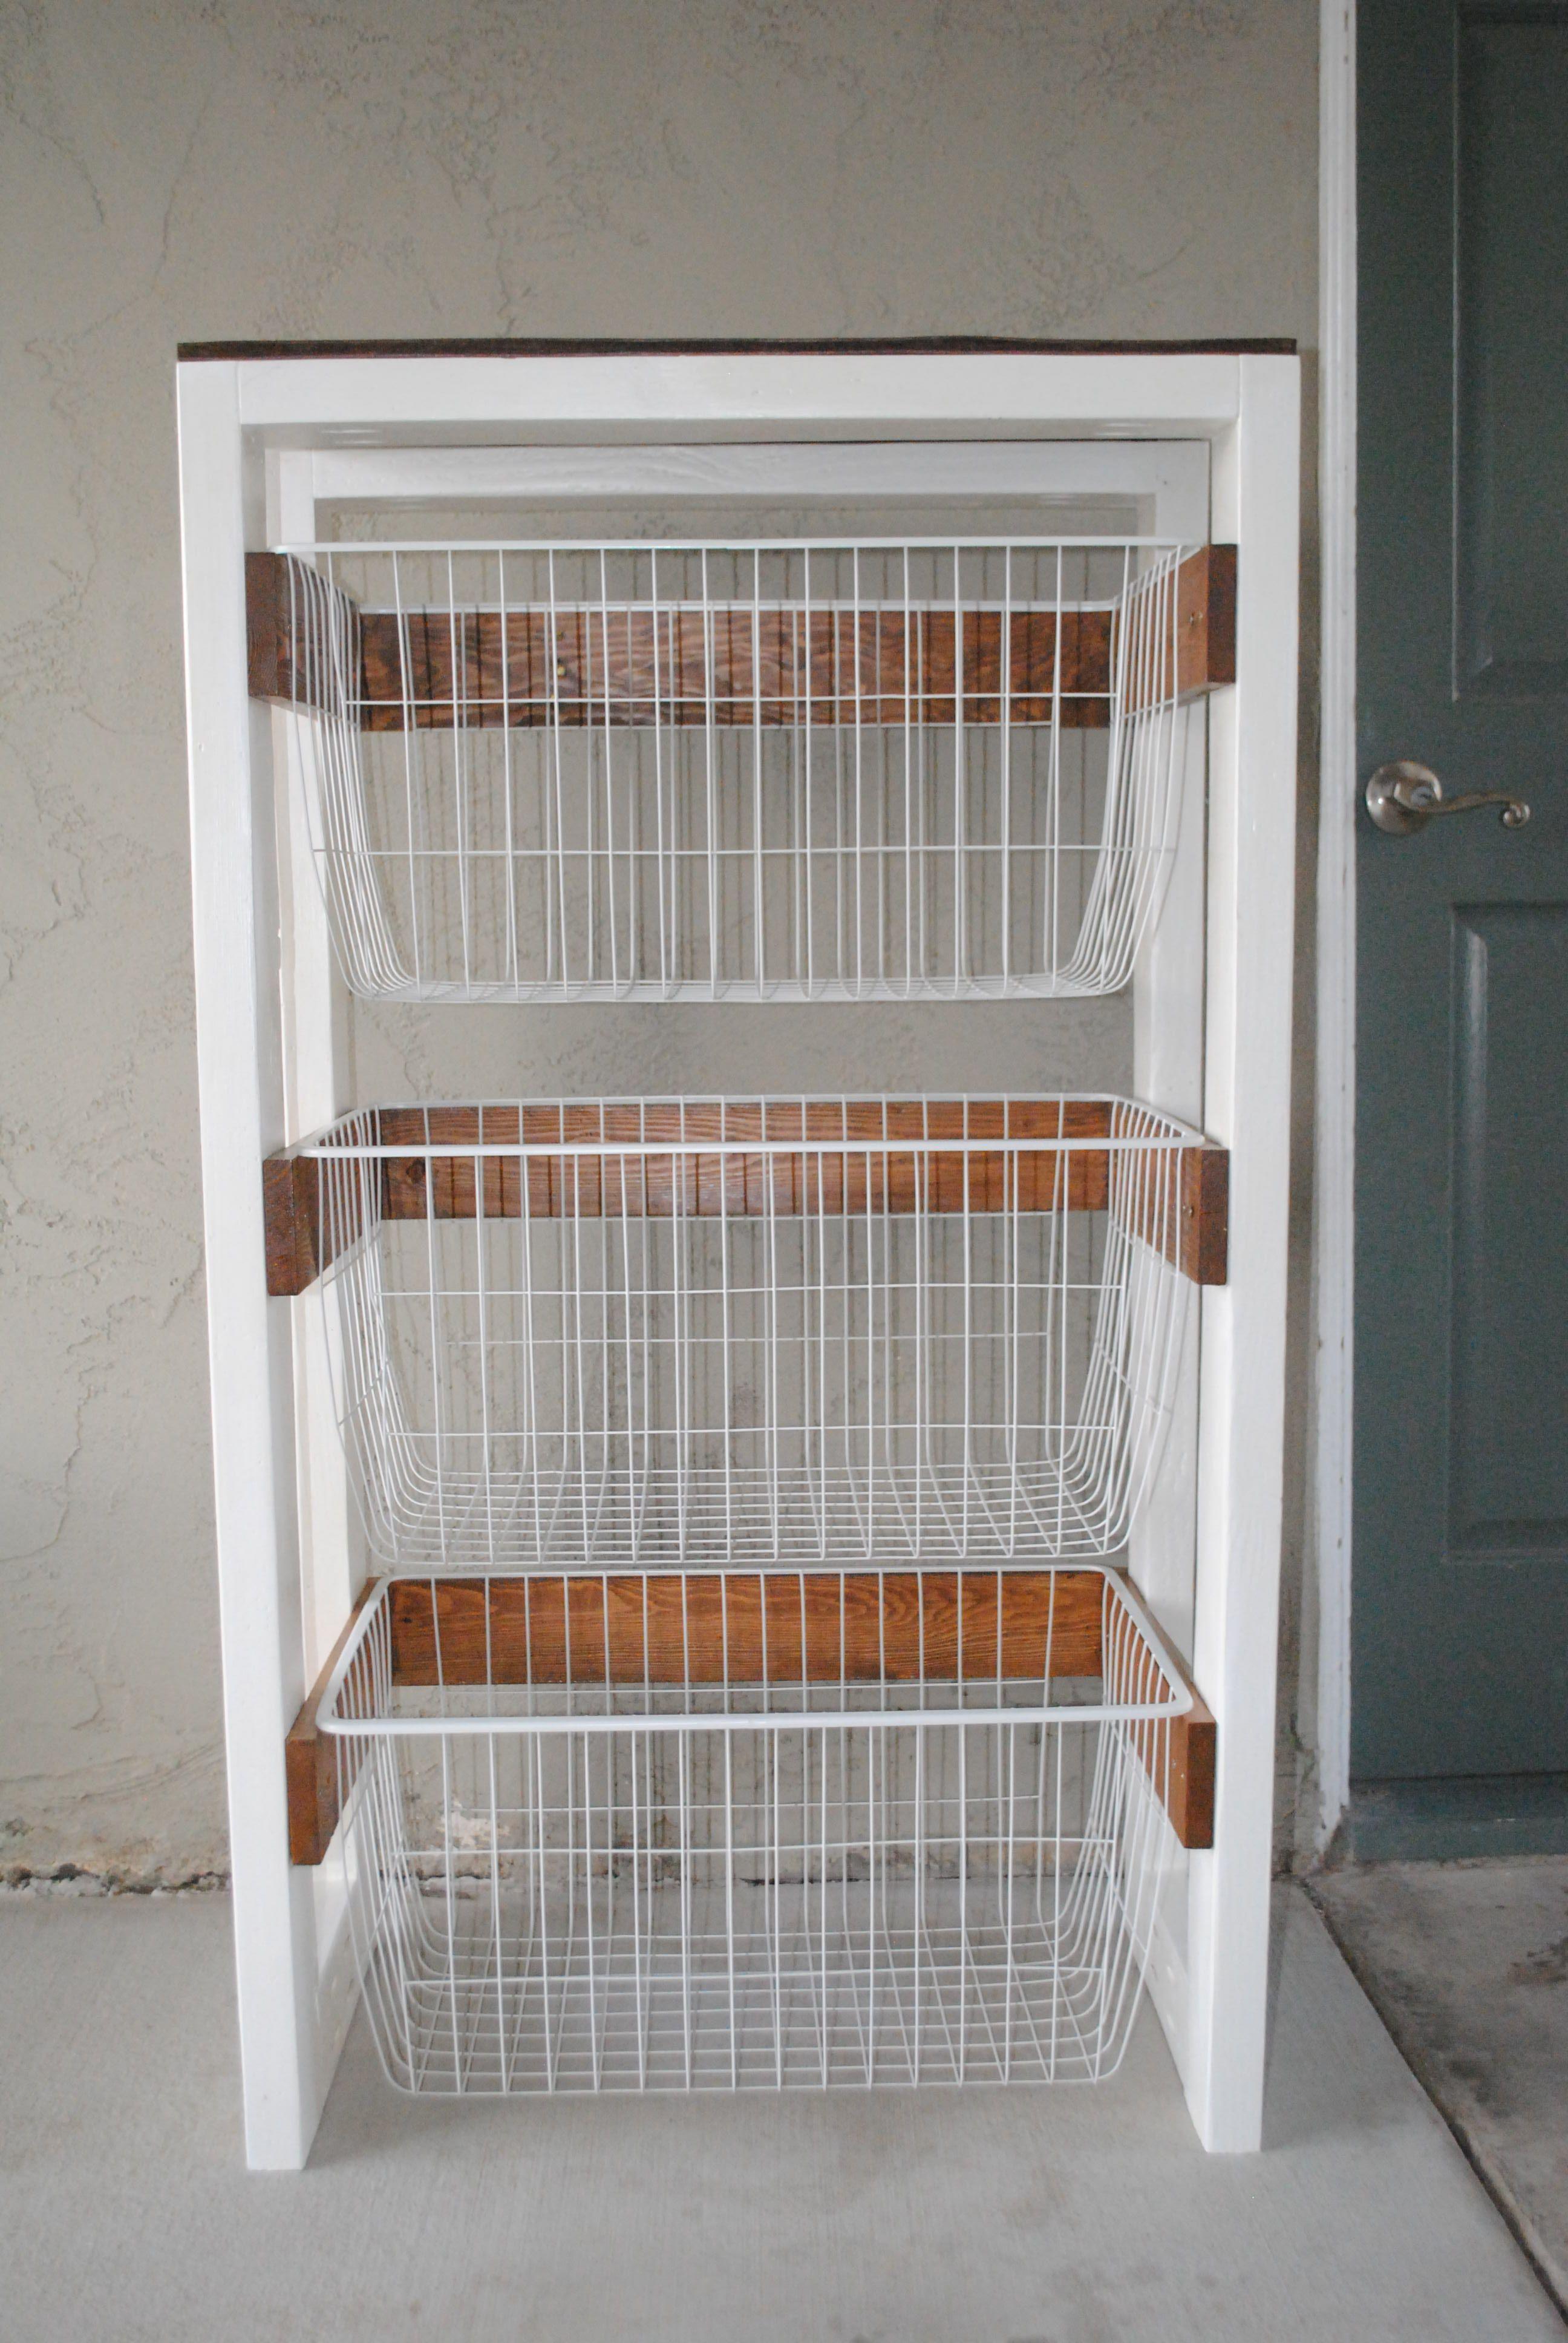 Idea By Allison Jurgens On Ikea In 2020 Diy Laundry Basket Diy Laundry Laundry Basket Sorter